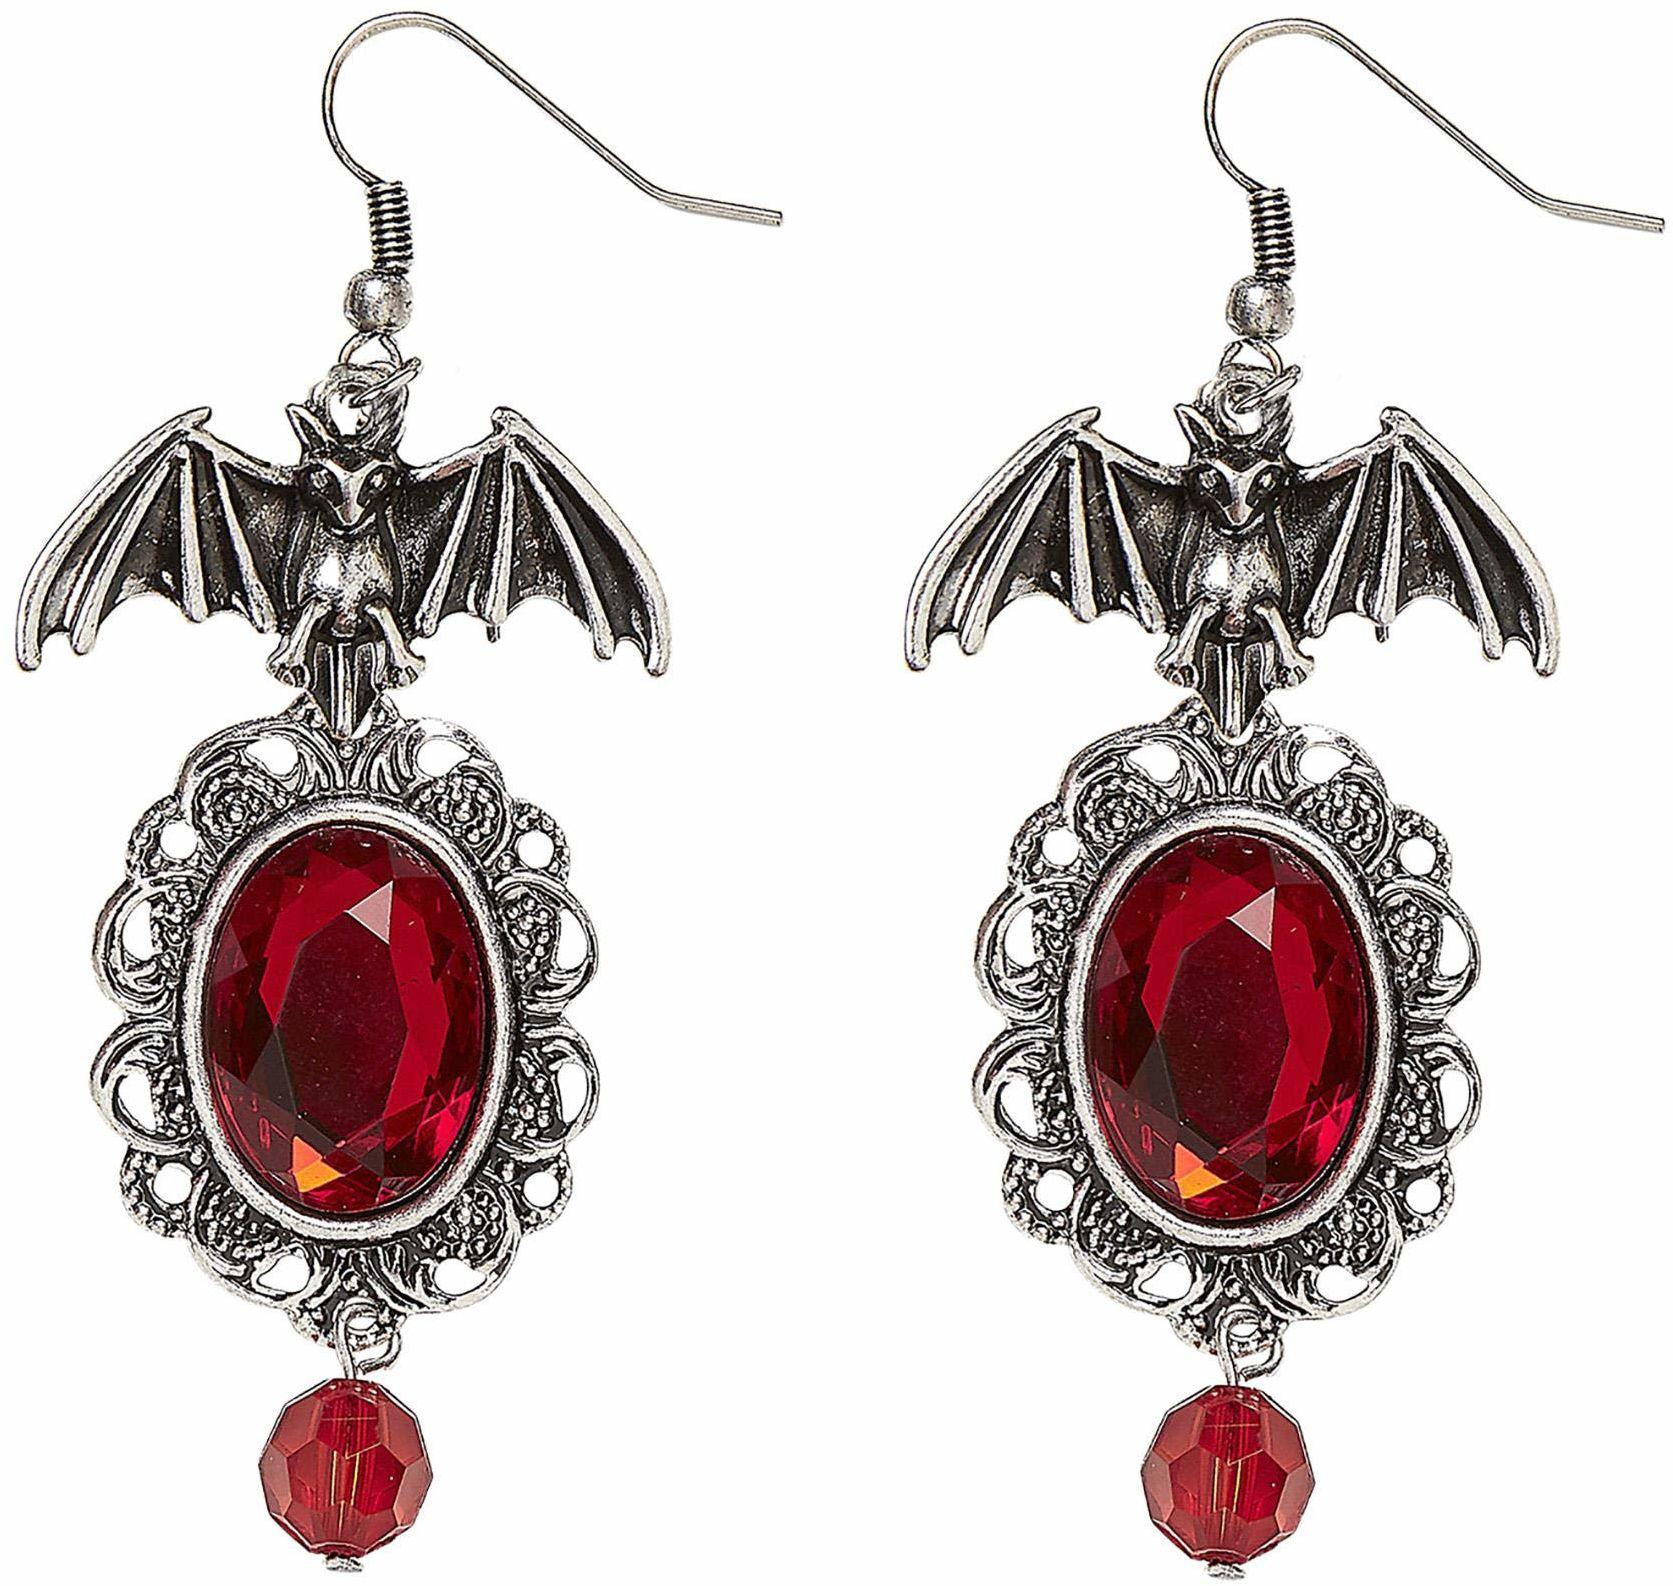 Widmann 46754  kolczyki nietoperz, srebrne z czerwonymi imitacjami rubinu, modna biżuteria, akcesoria, akcesoria, gotyk, diabel, wampir, Halloween, karnawał, imprezy tematyczne